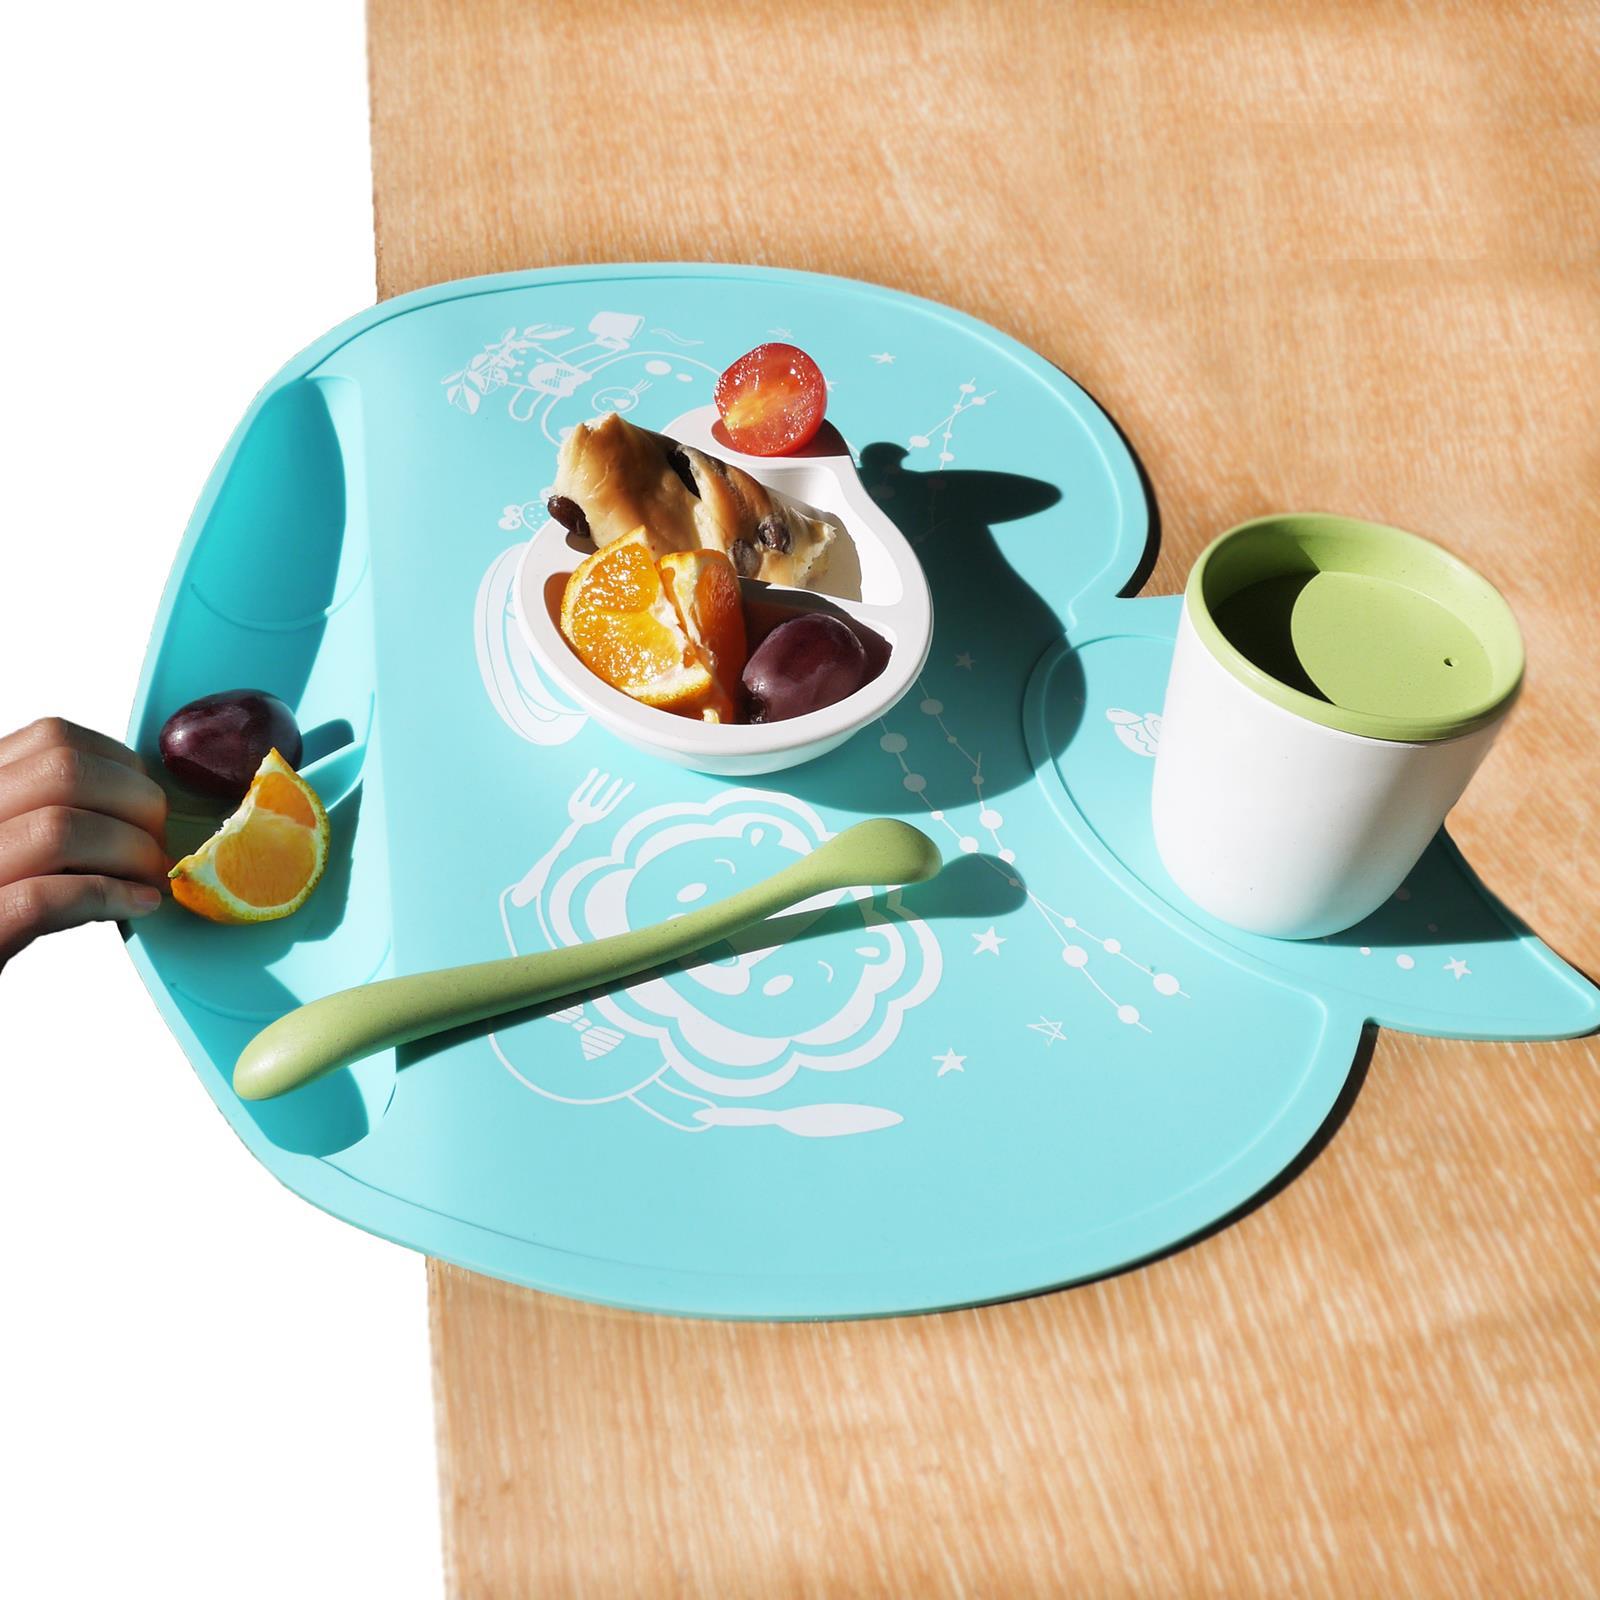 angelette りんご型 お食事シリコンマット ピンク